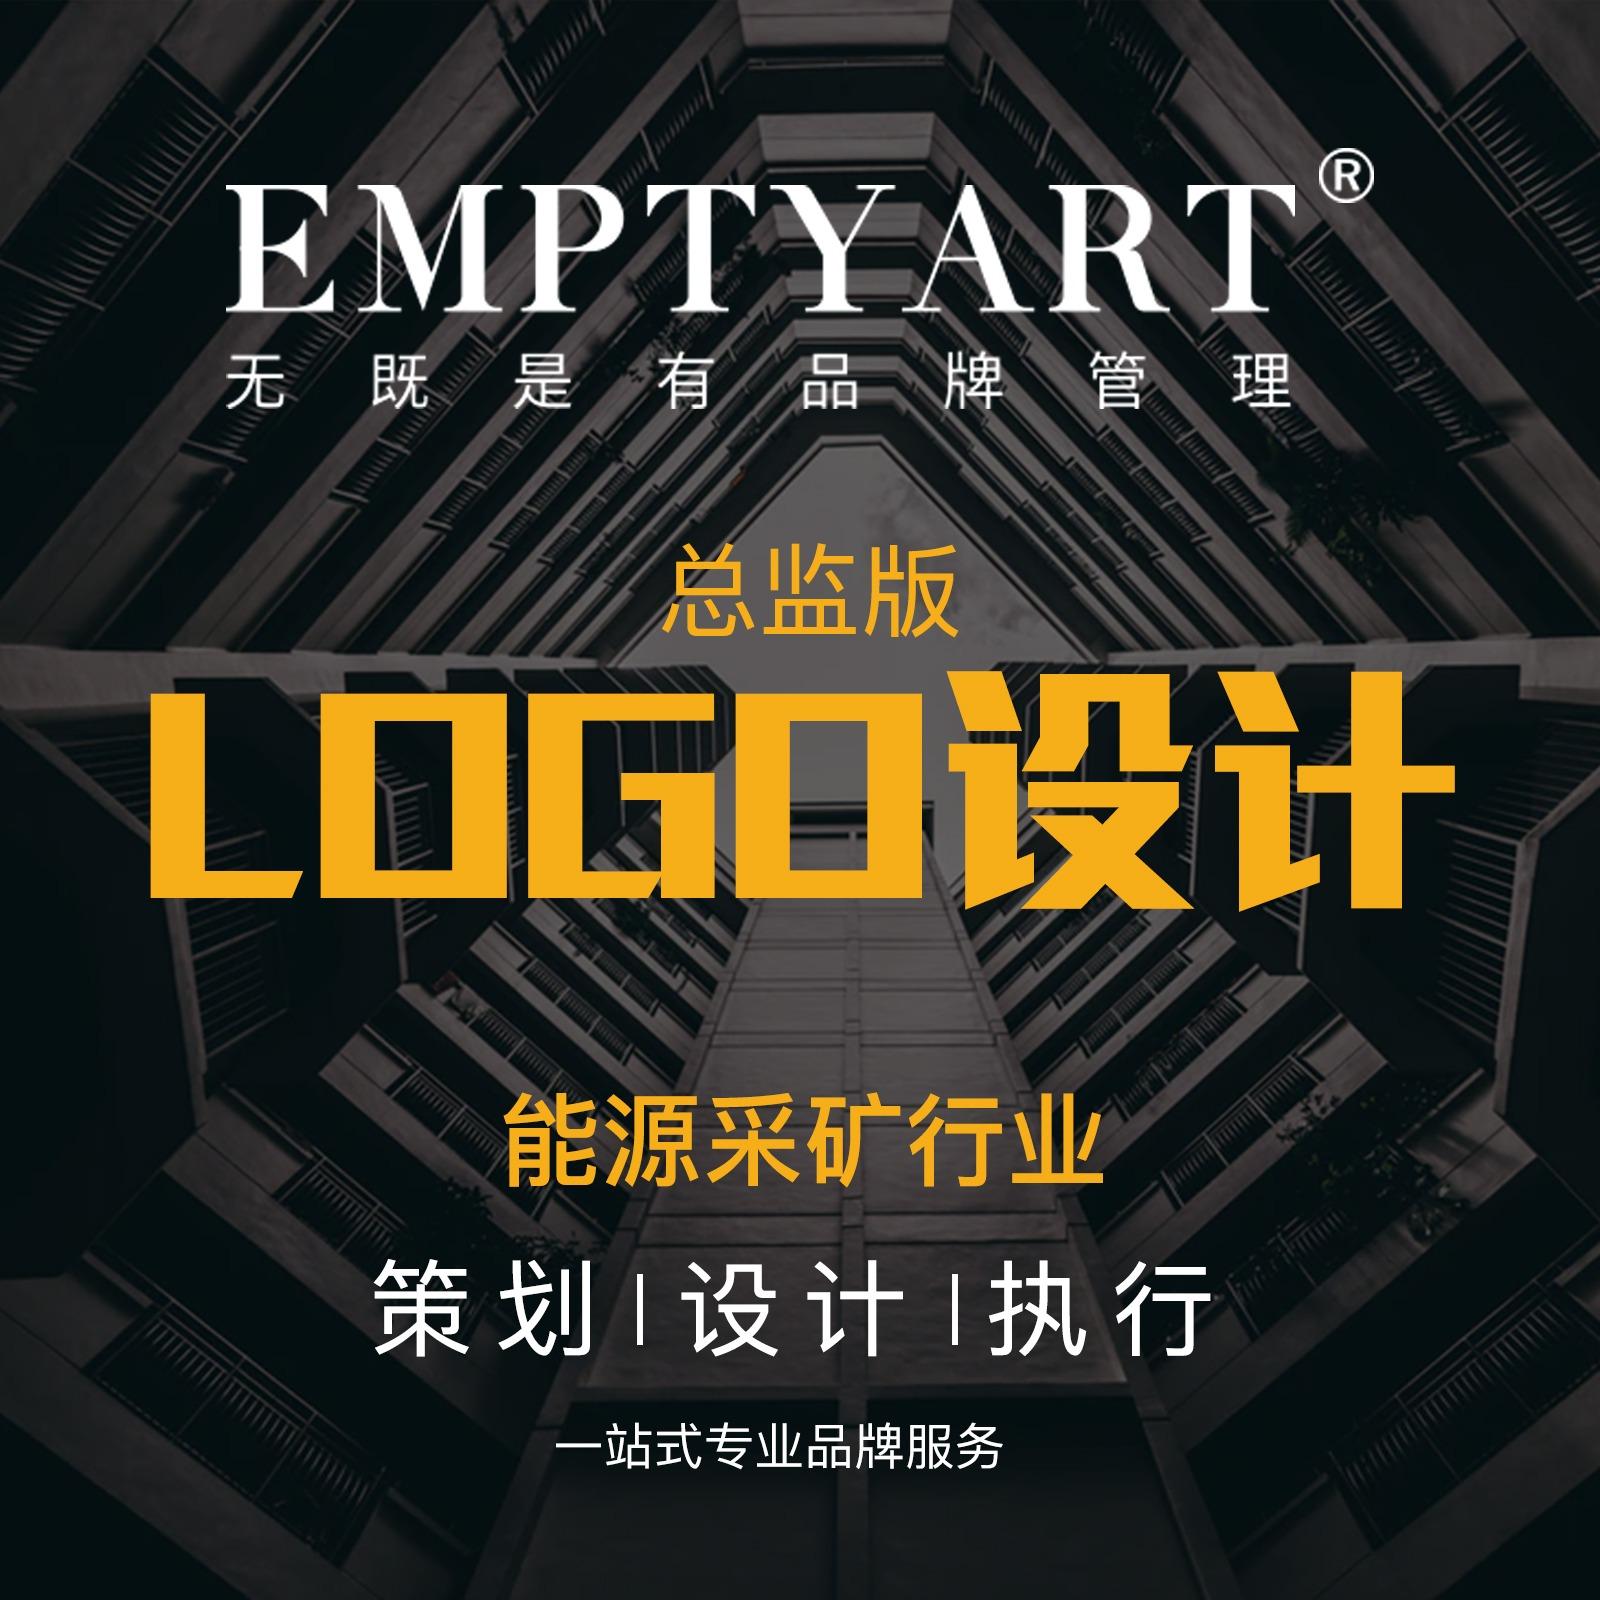 总监版能源采矿行业品牌<hl>logo设计</hl>原创标志商标<hl>LOGO</hl>图标